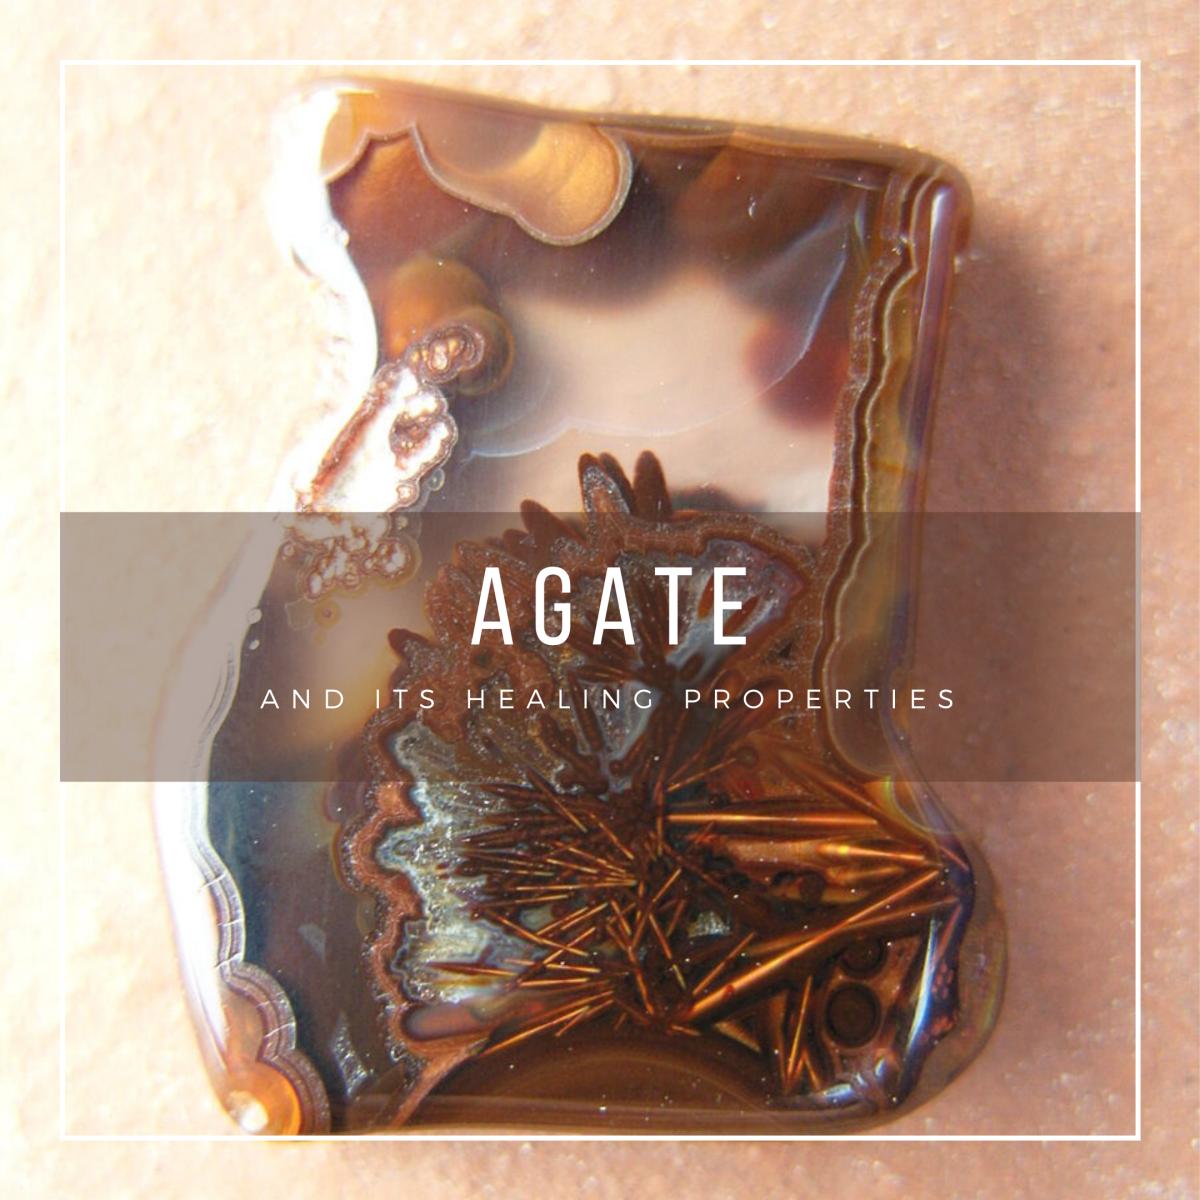 Seven Varieties of Agate and Their Healing Properties